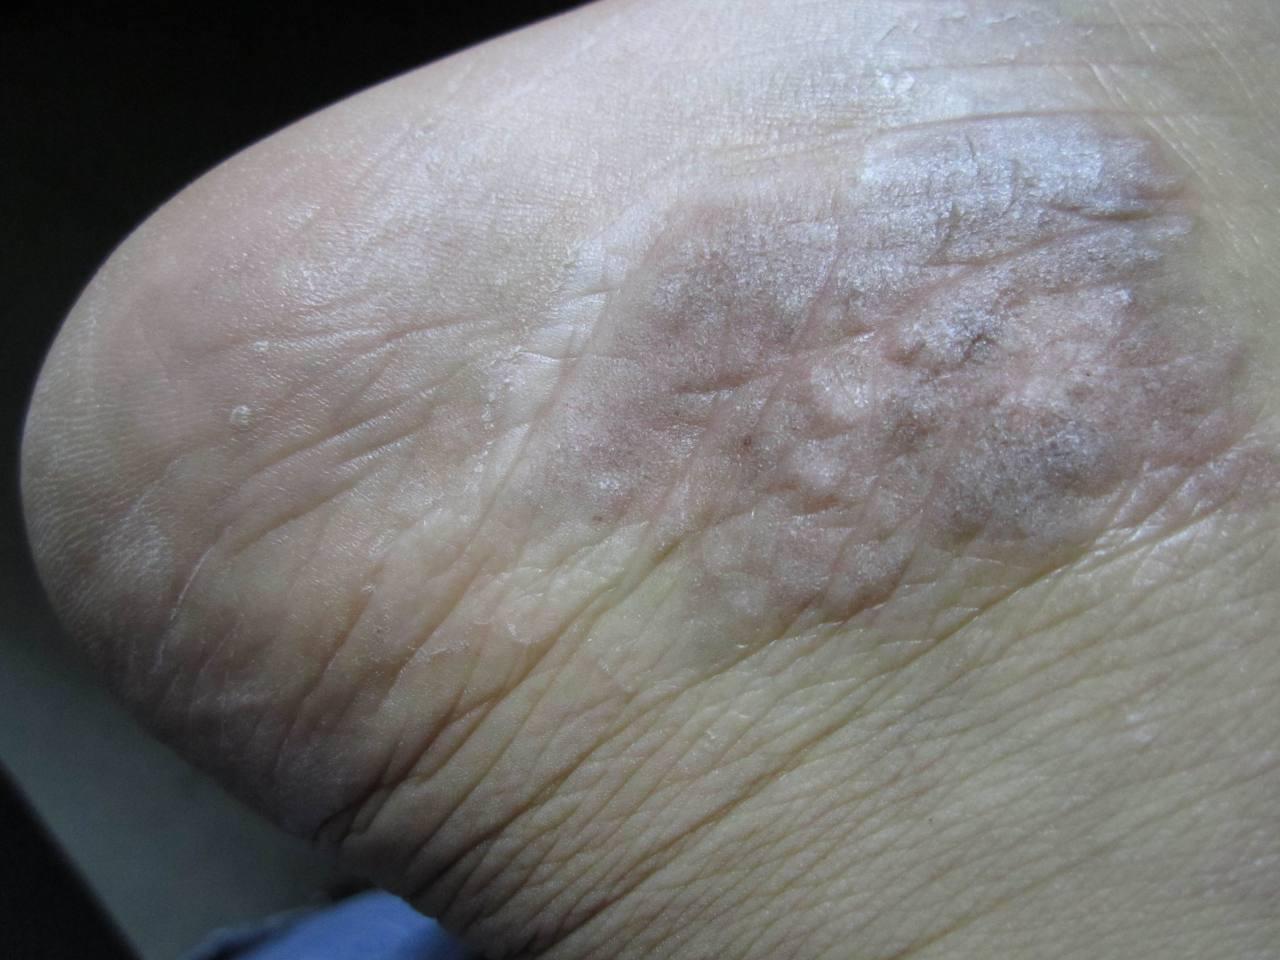 皮癣症状图片_这个皮肤病很久了,前两年看医生说是钱币状湿疹,最近用了快 ...